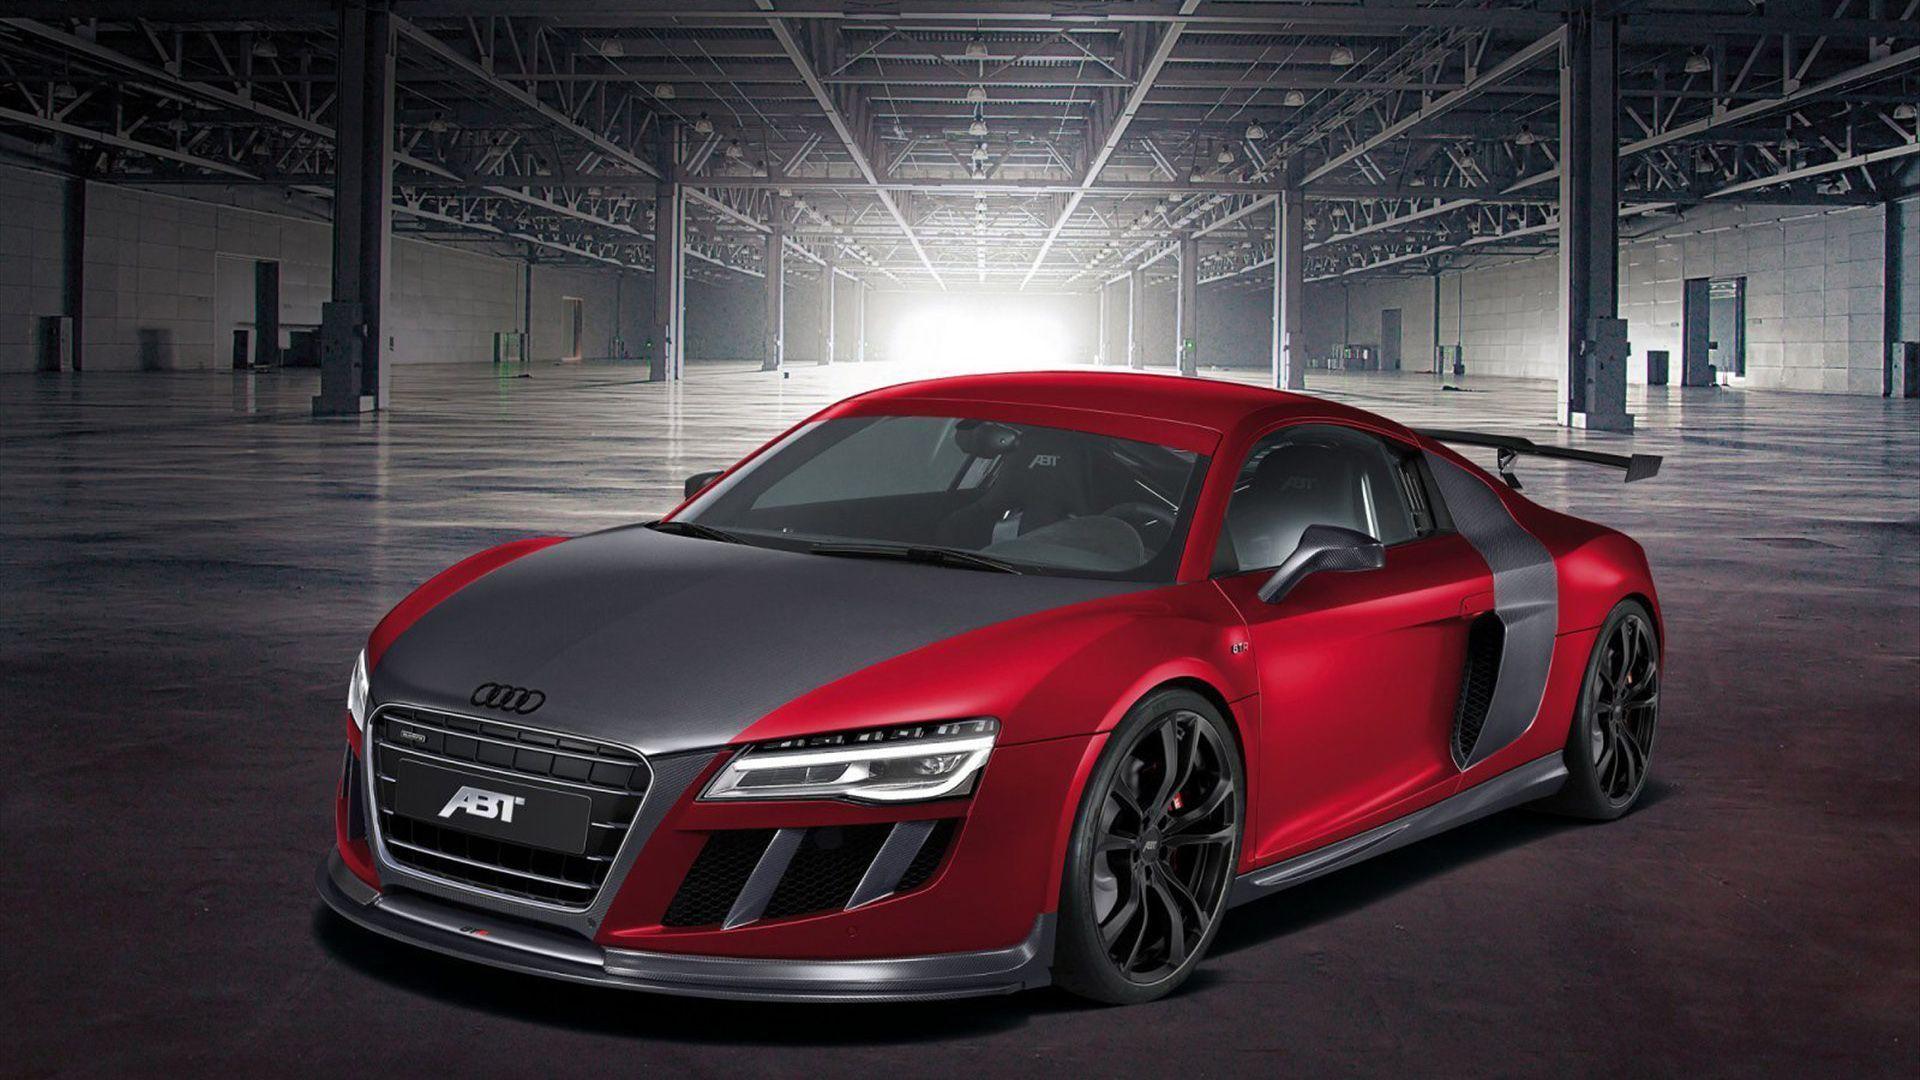 Audi R8 Wallpapers Hd Wallpaper Cave Audi Cars Black Audi Audi R8